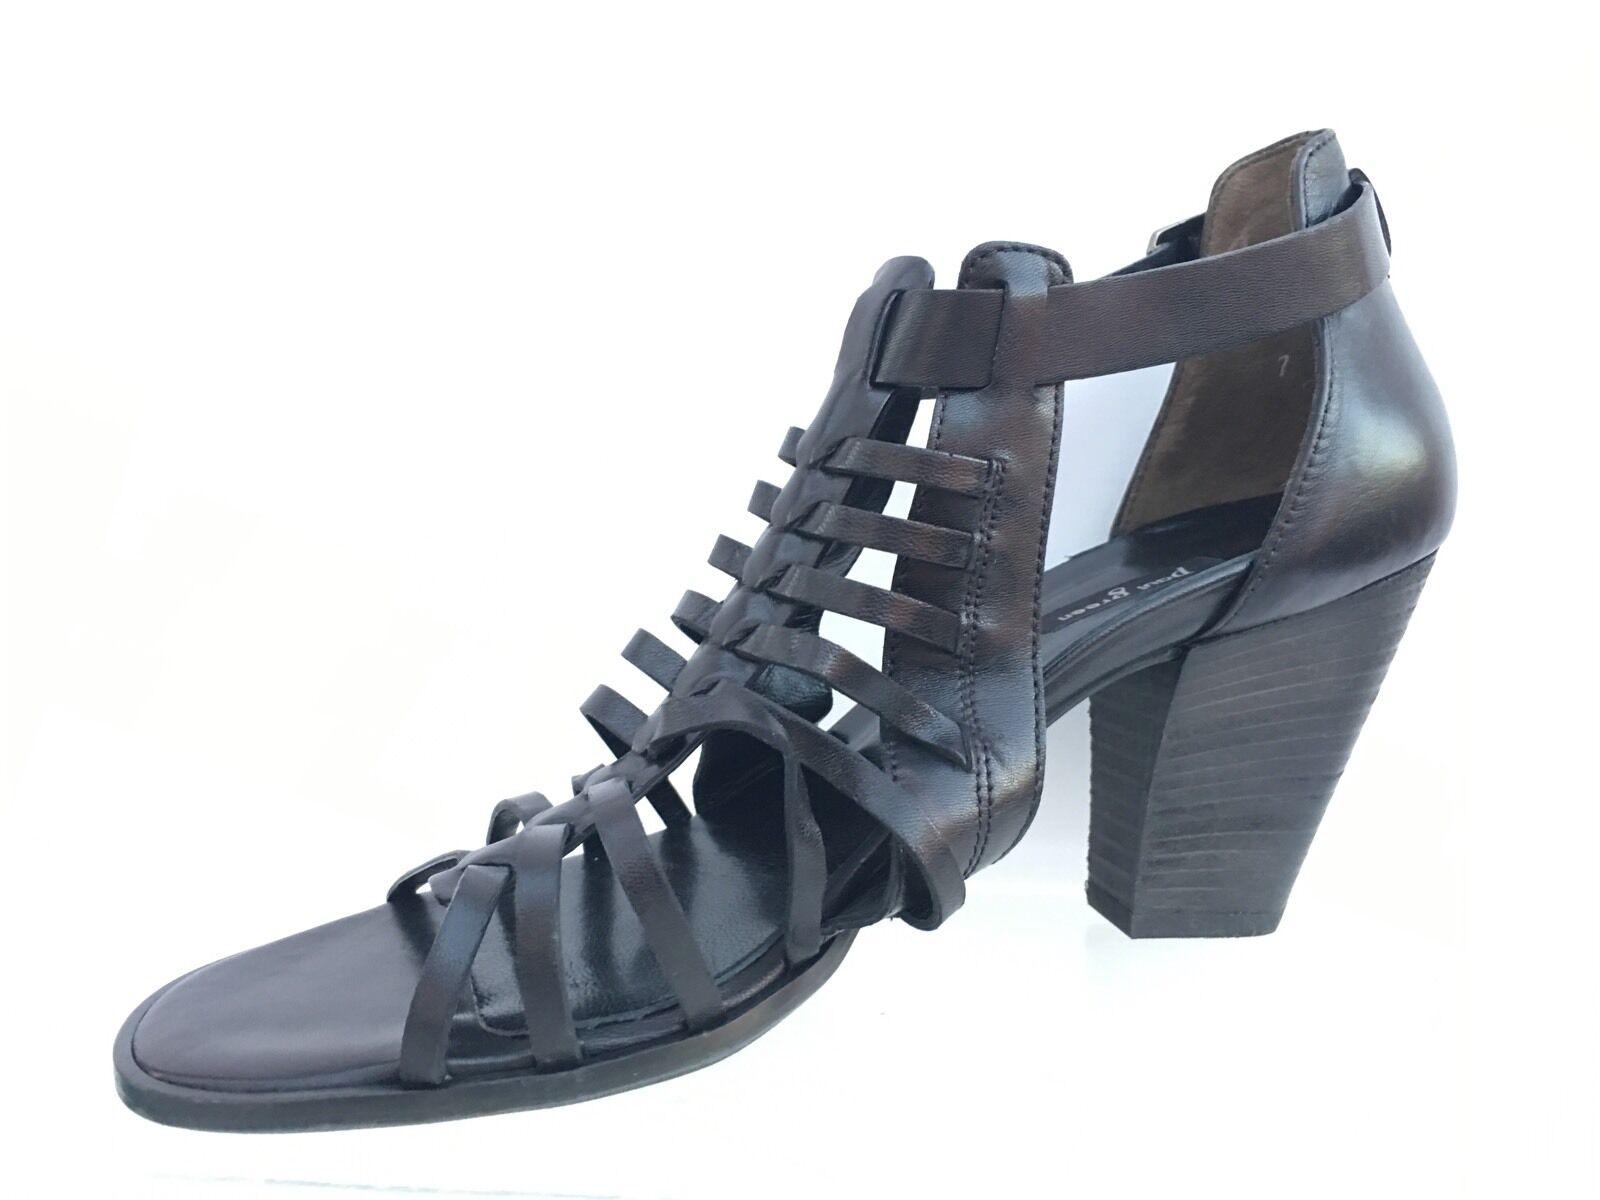 Paul Paul Paul verde Christy nero Leather Peep Toe Sandal AU 7 US 9.5 6bb347